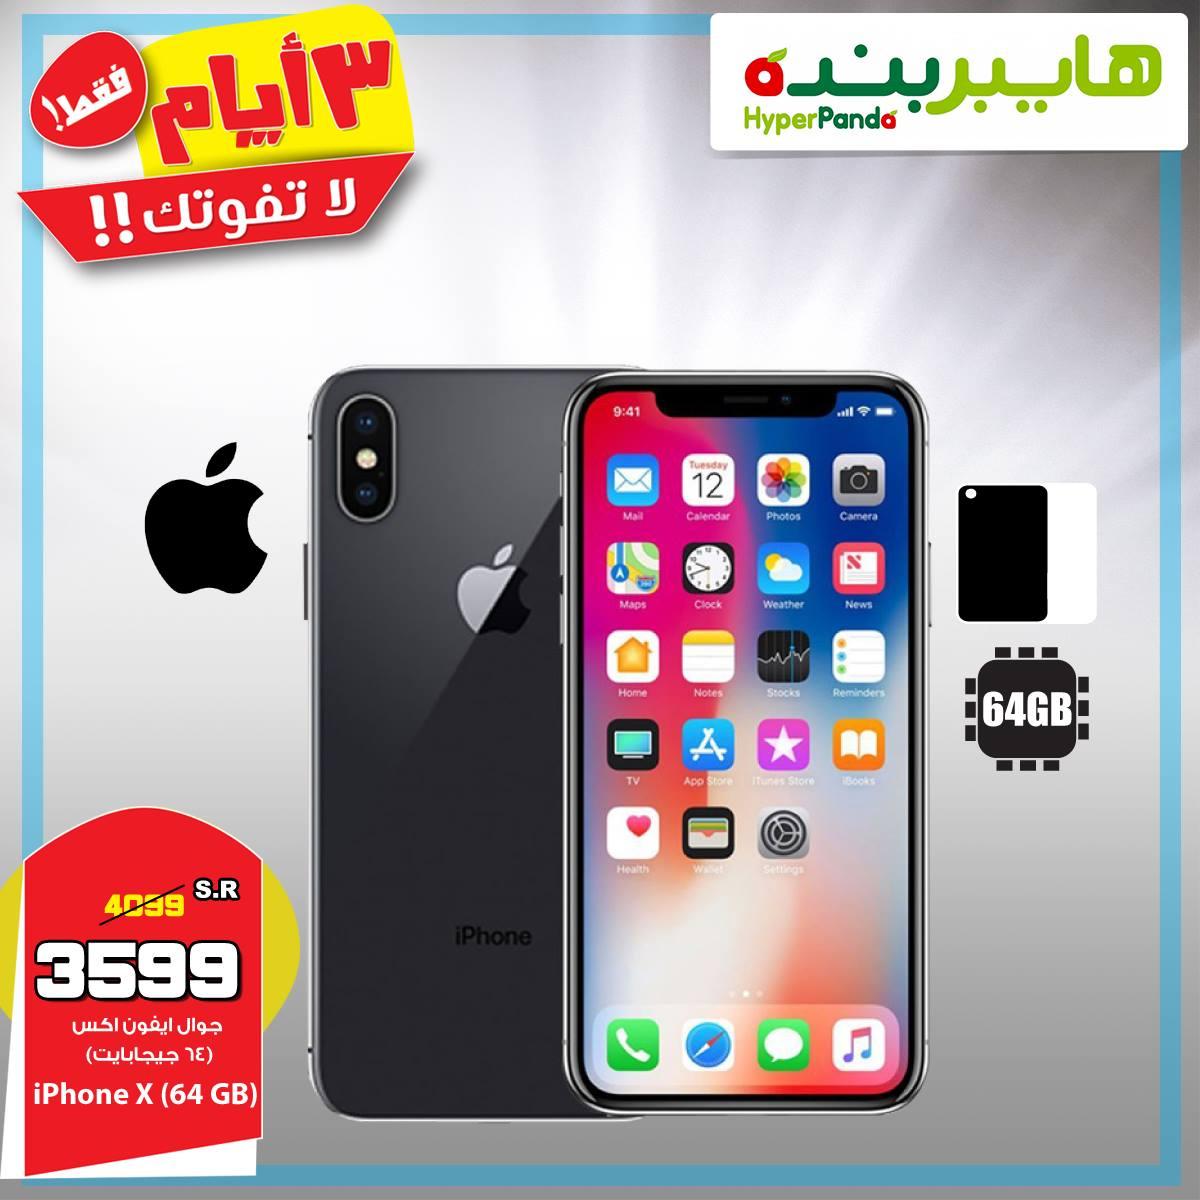 عروض بنده و هايبر بنده الرائعة لمدة 3 أيام من الخميس 9 اغسطس 2018